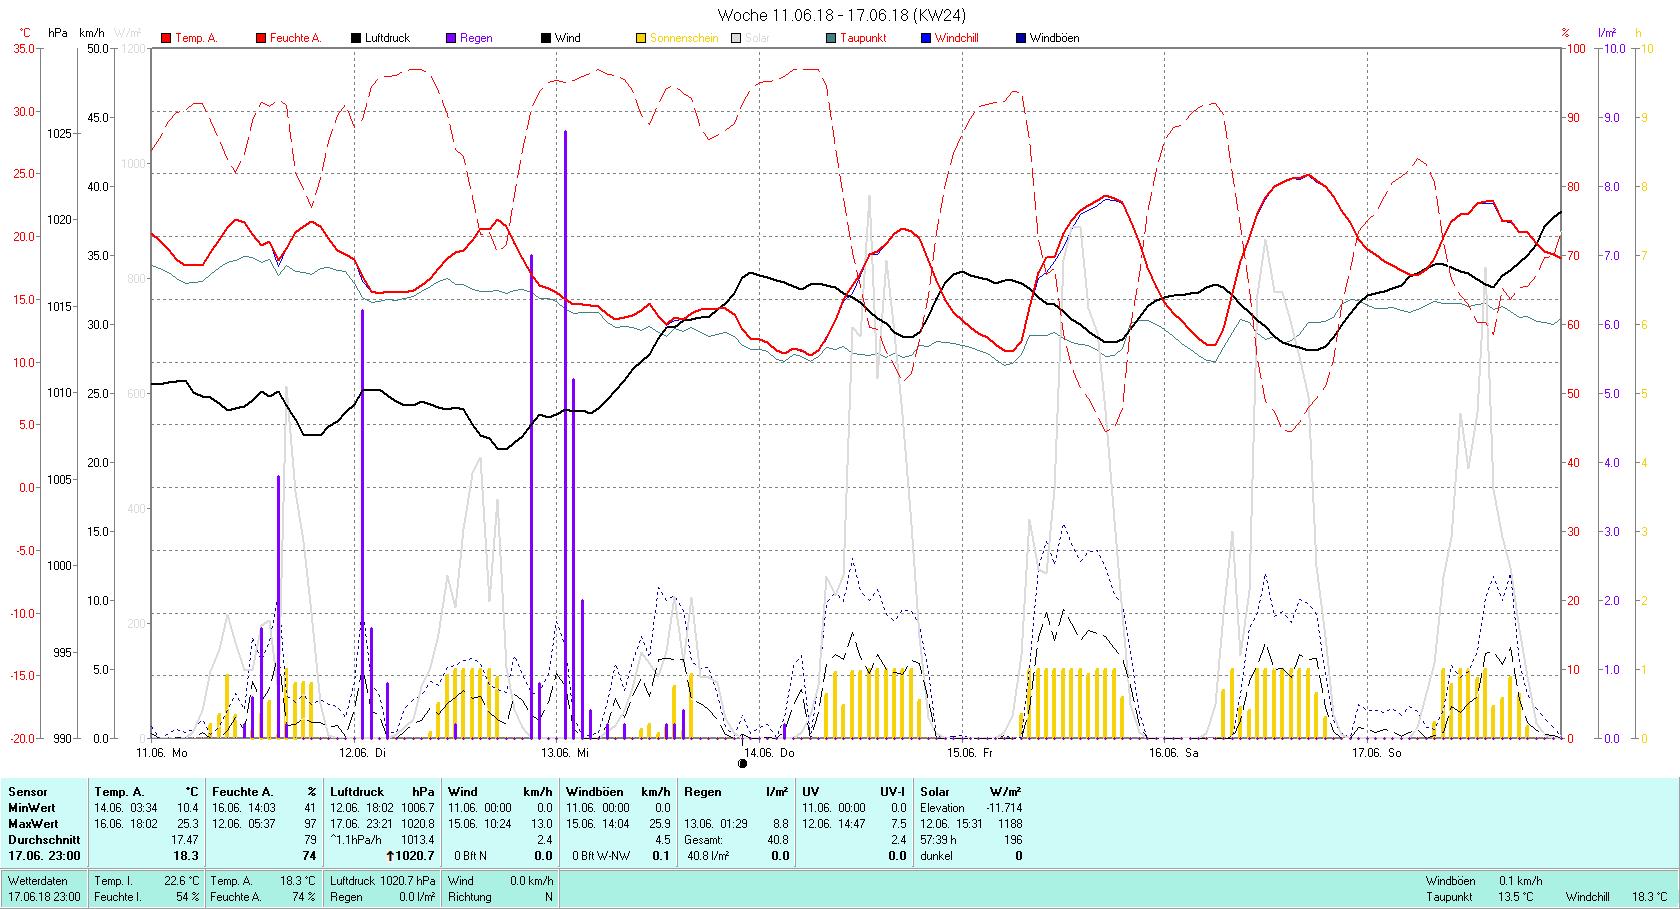 KW 24 Tmin 10.4°C, Tmax 25.3°C, Sonne 57:39 h Niederschlag 40.8 mm2